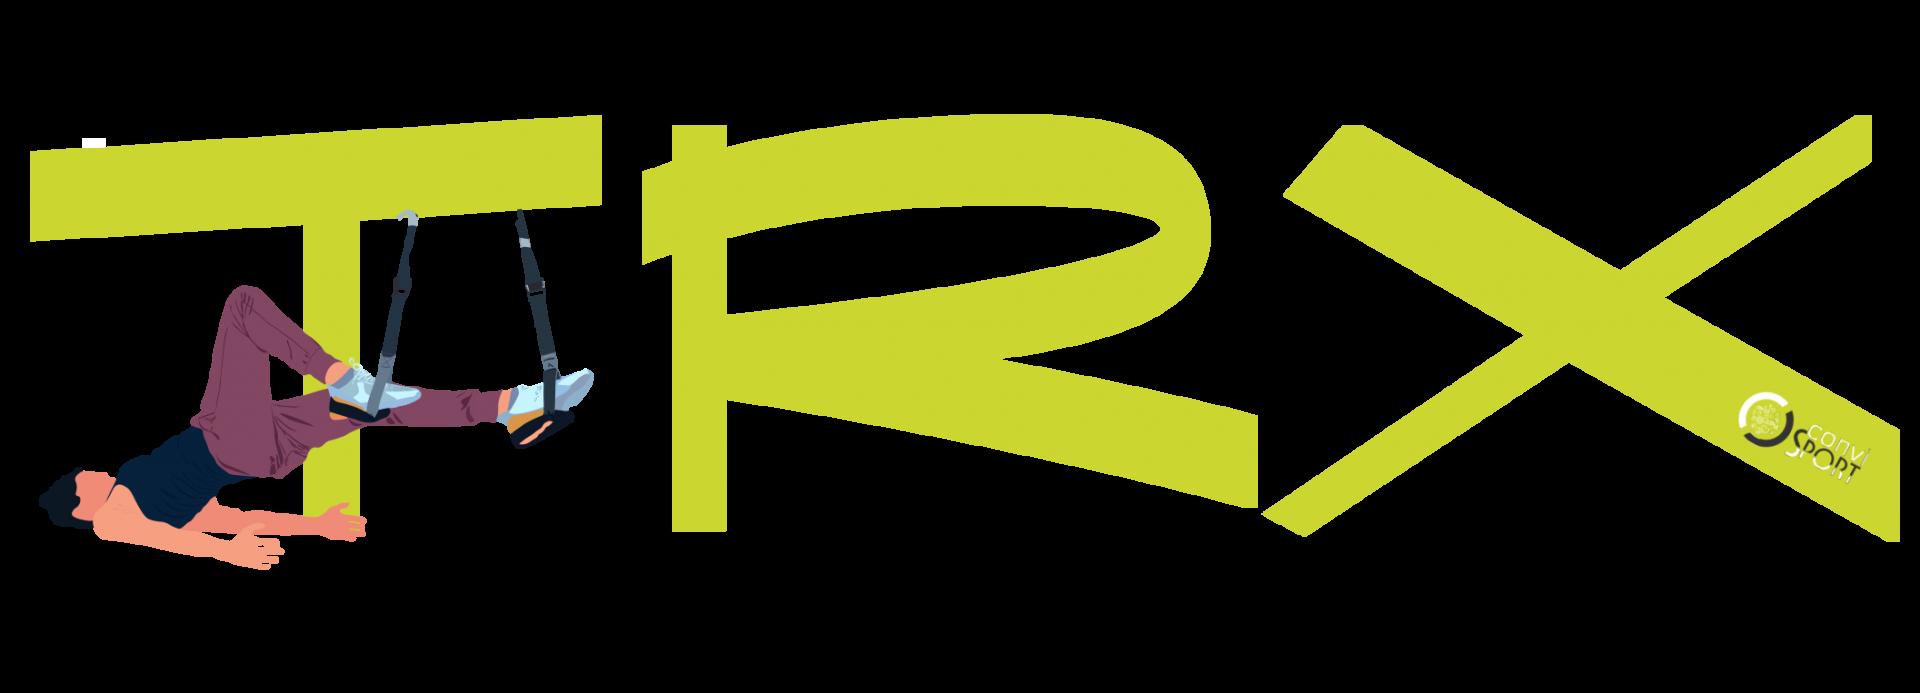 Trx 6